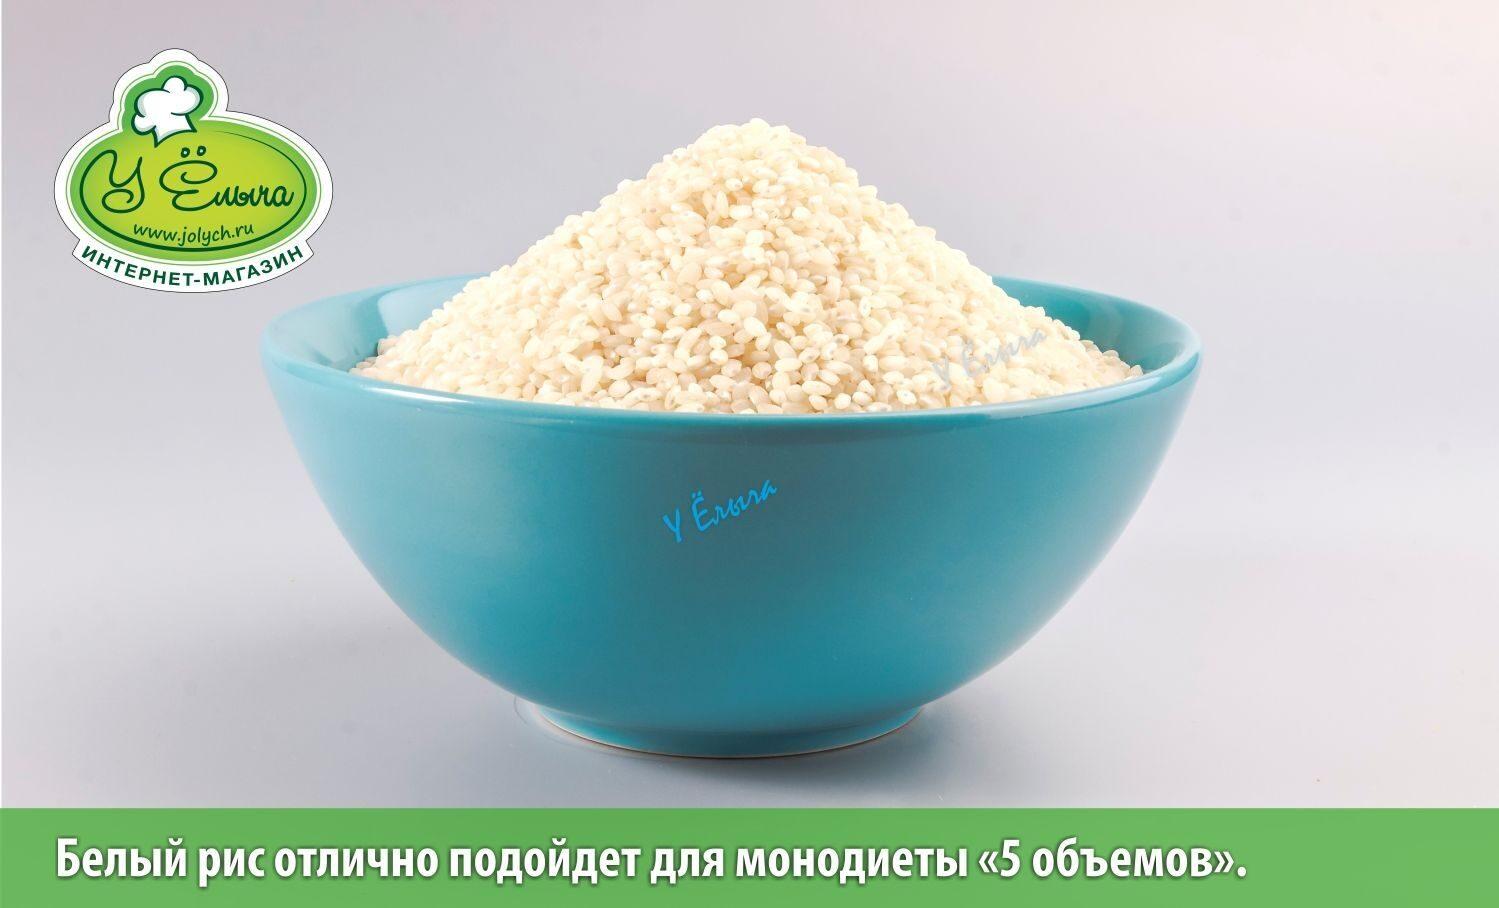 Белый рис отлично подойдет для монодиеты 5 объемов